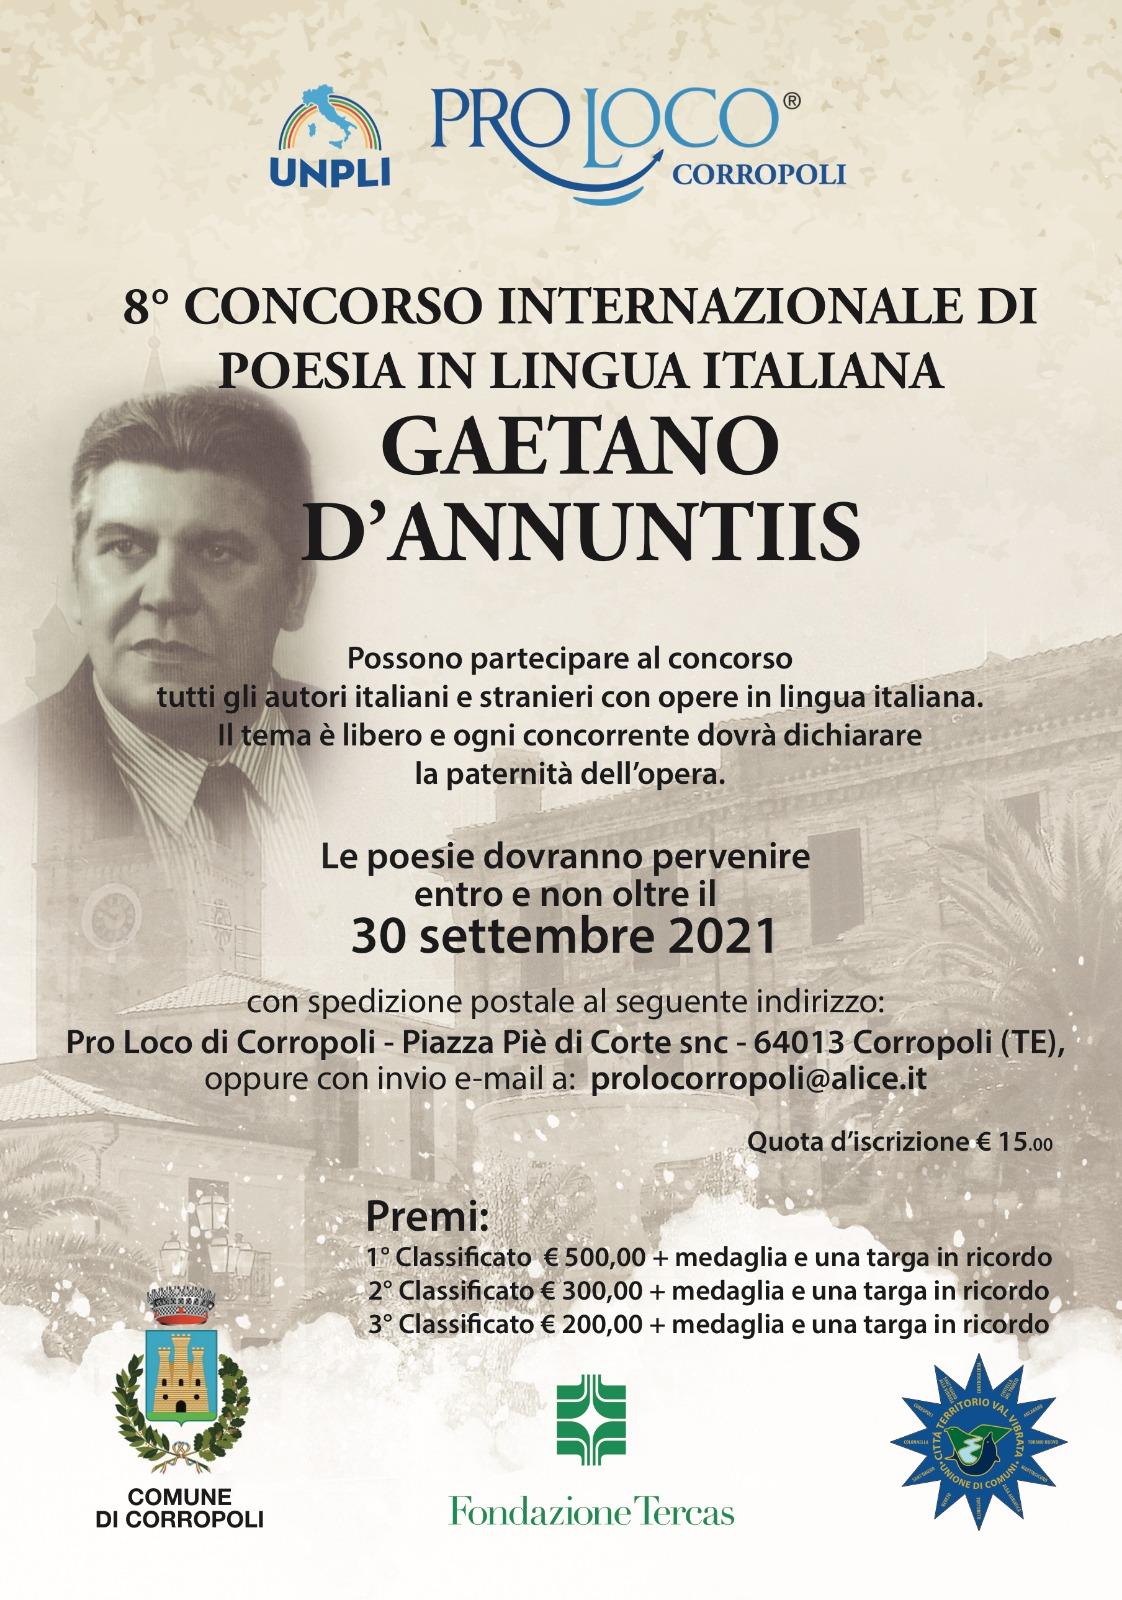 8°CONCORSO INTERNAZIONALE DI POESIA IN LINGUA ITALIANA